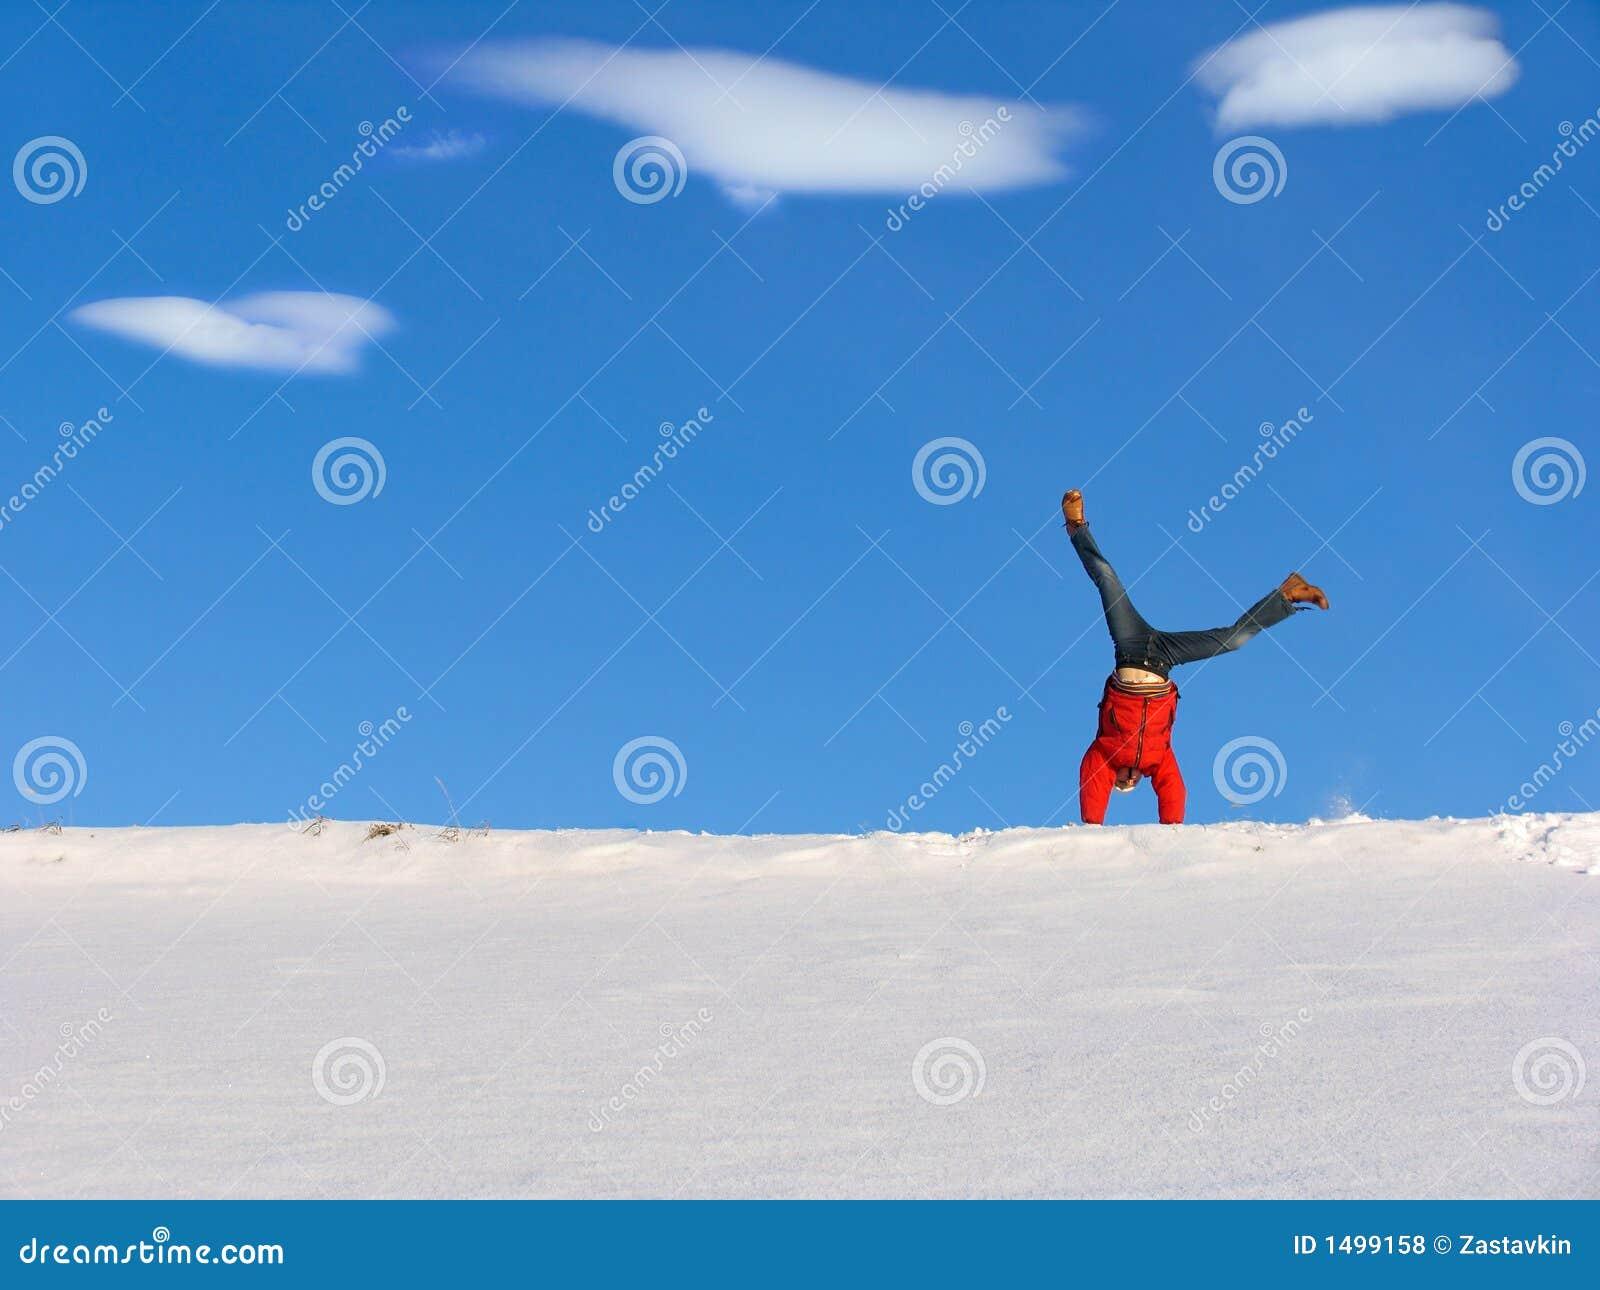 Winter-Wagenrad